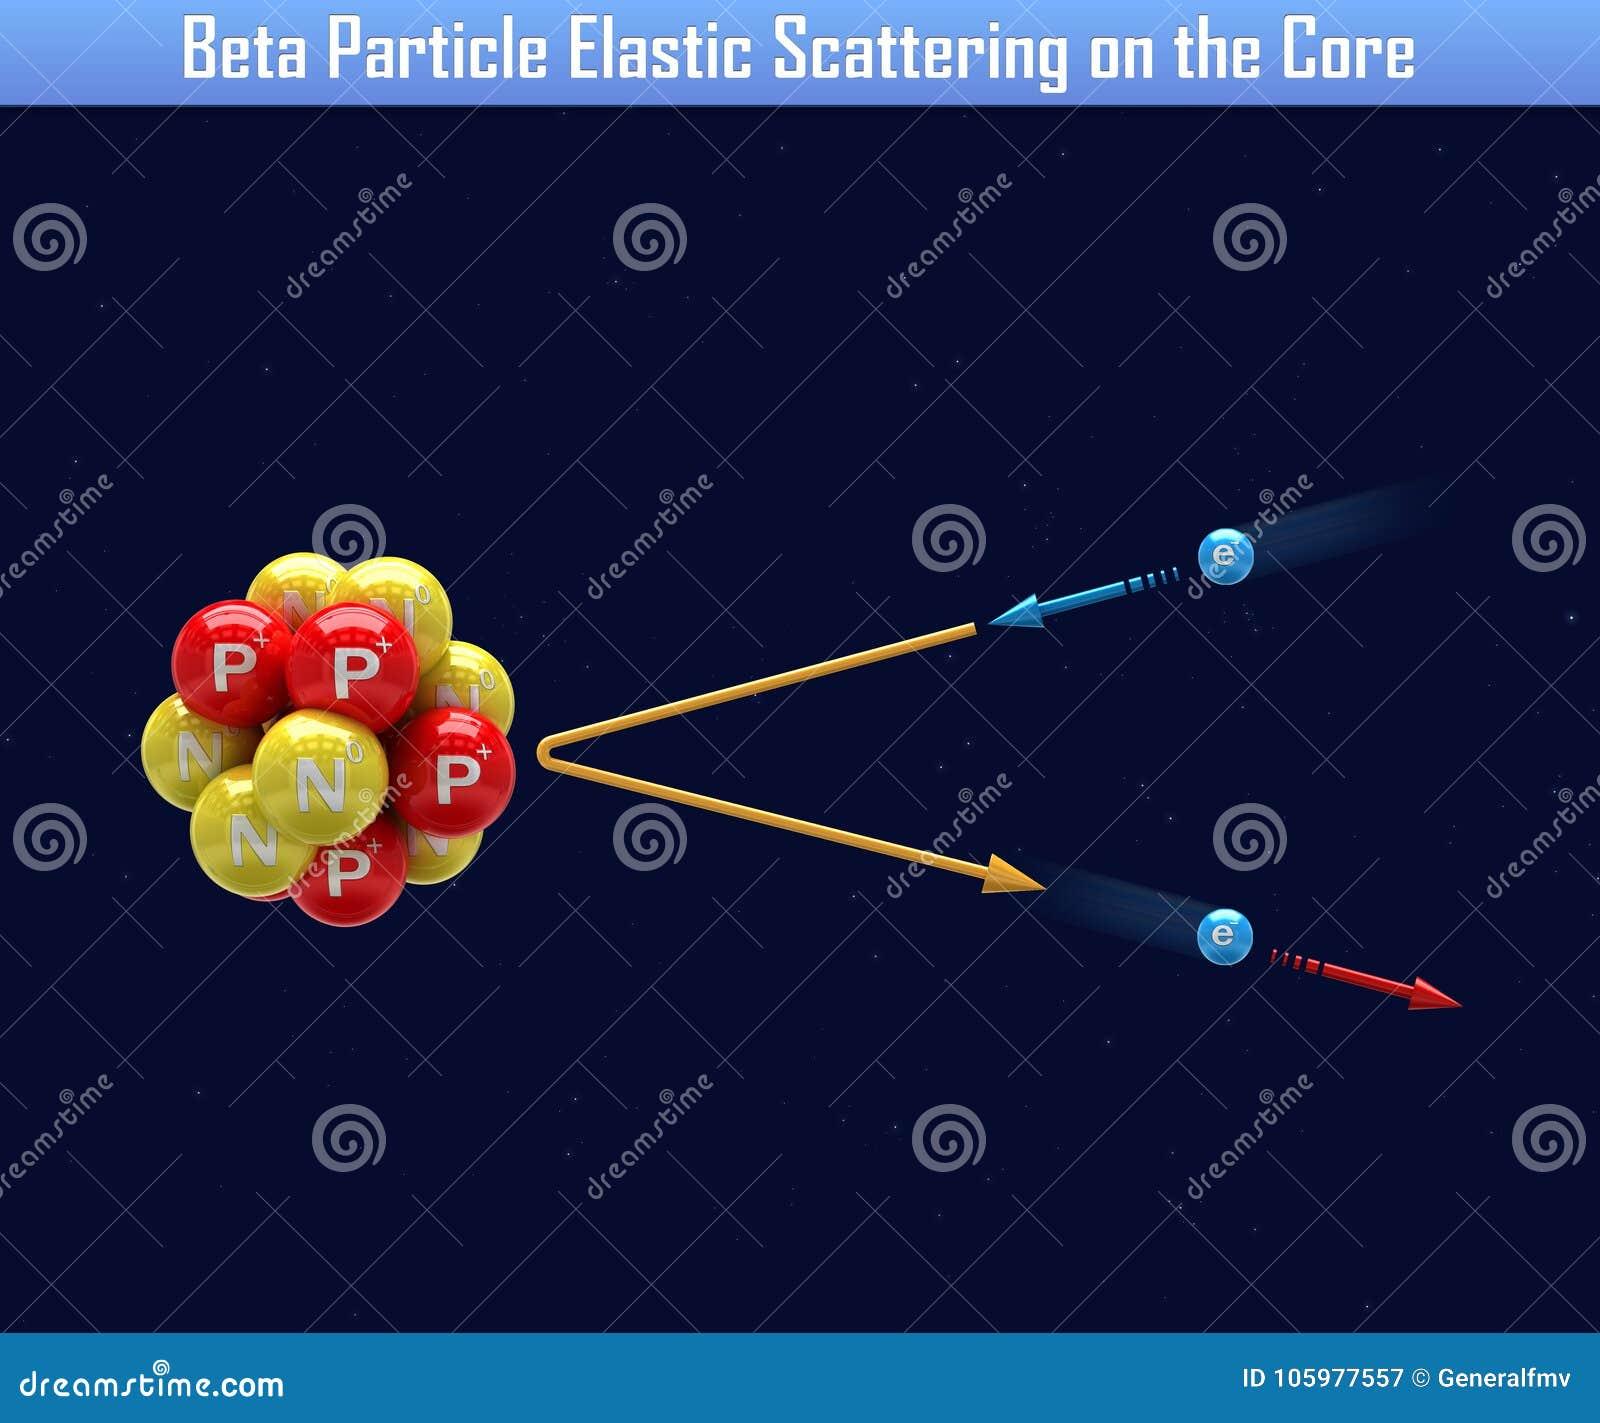 Β粒子弹性散射在核心